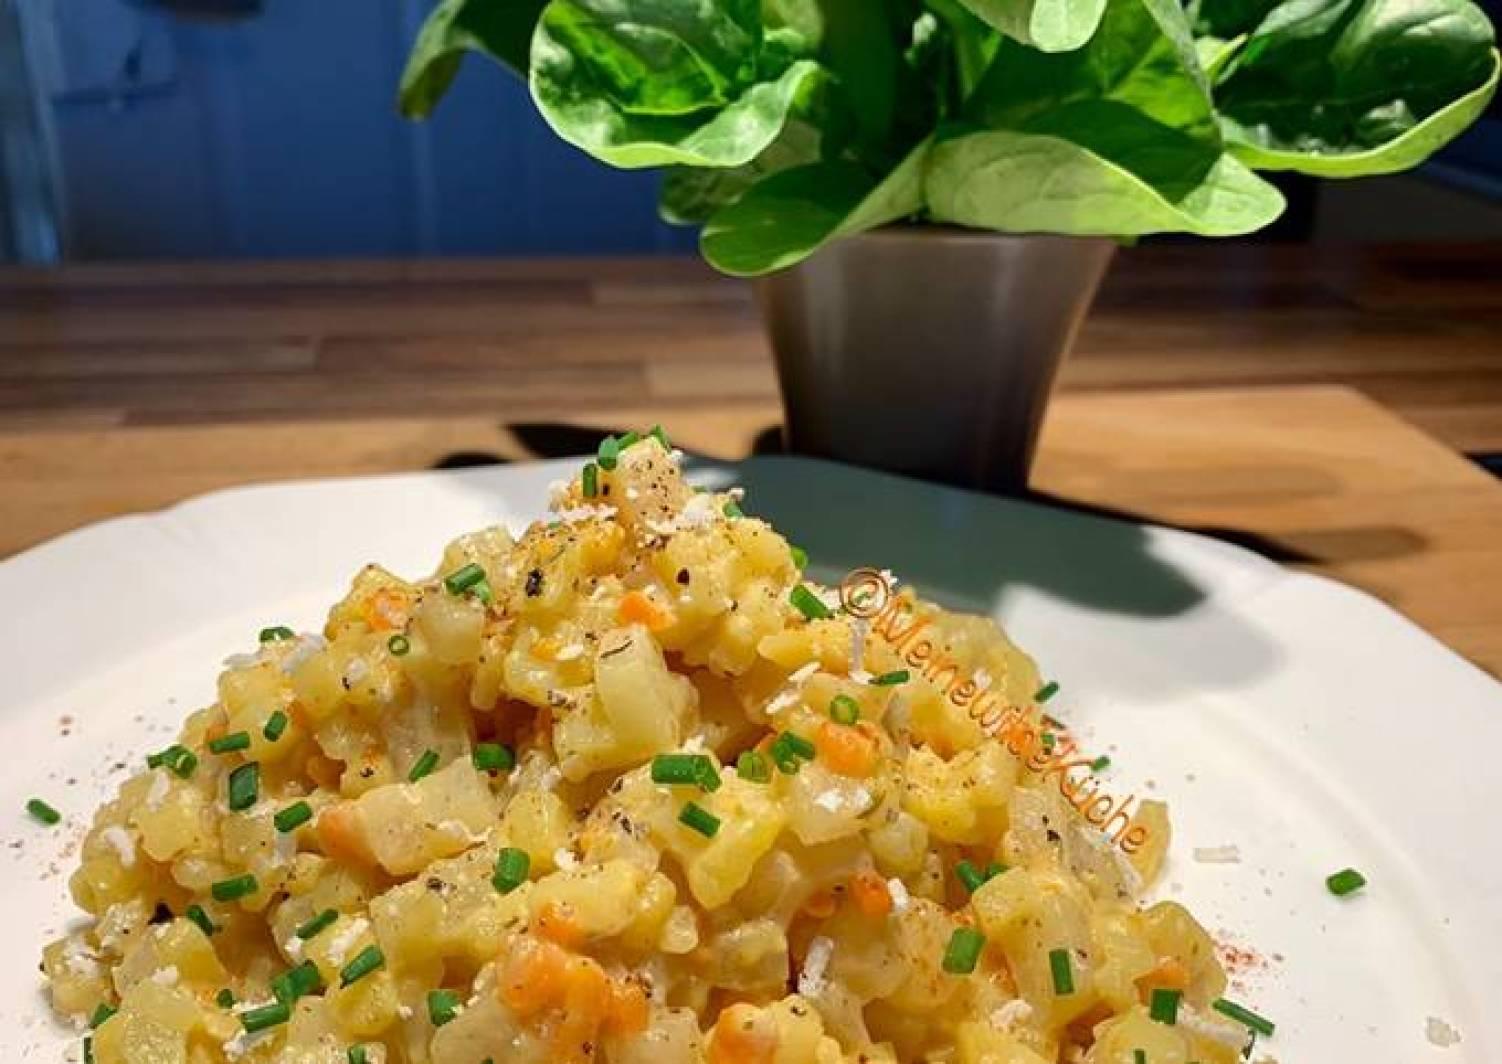 Kohlrabi-Kartoffel-Karotte-Risotto